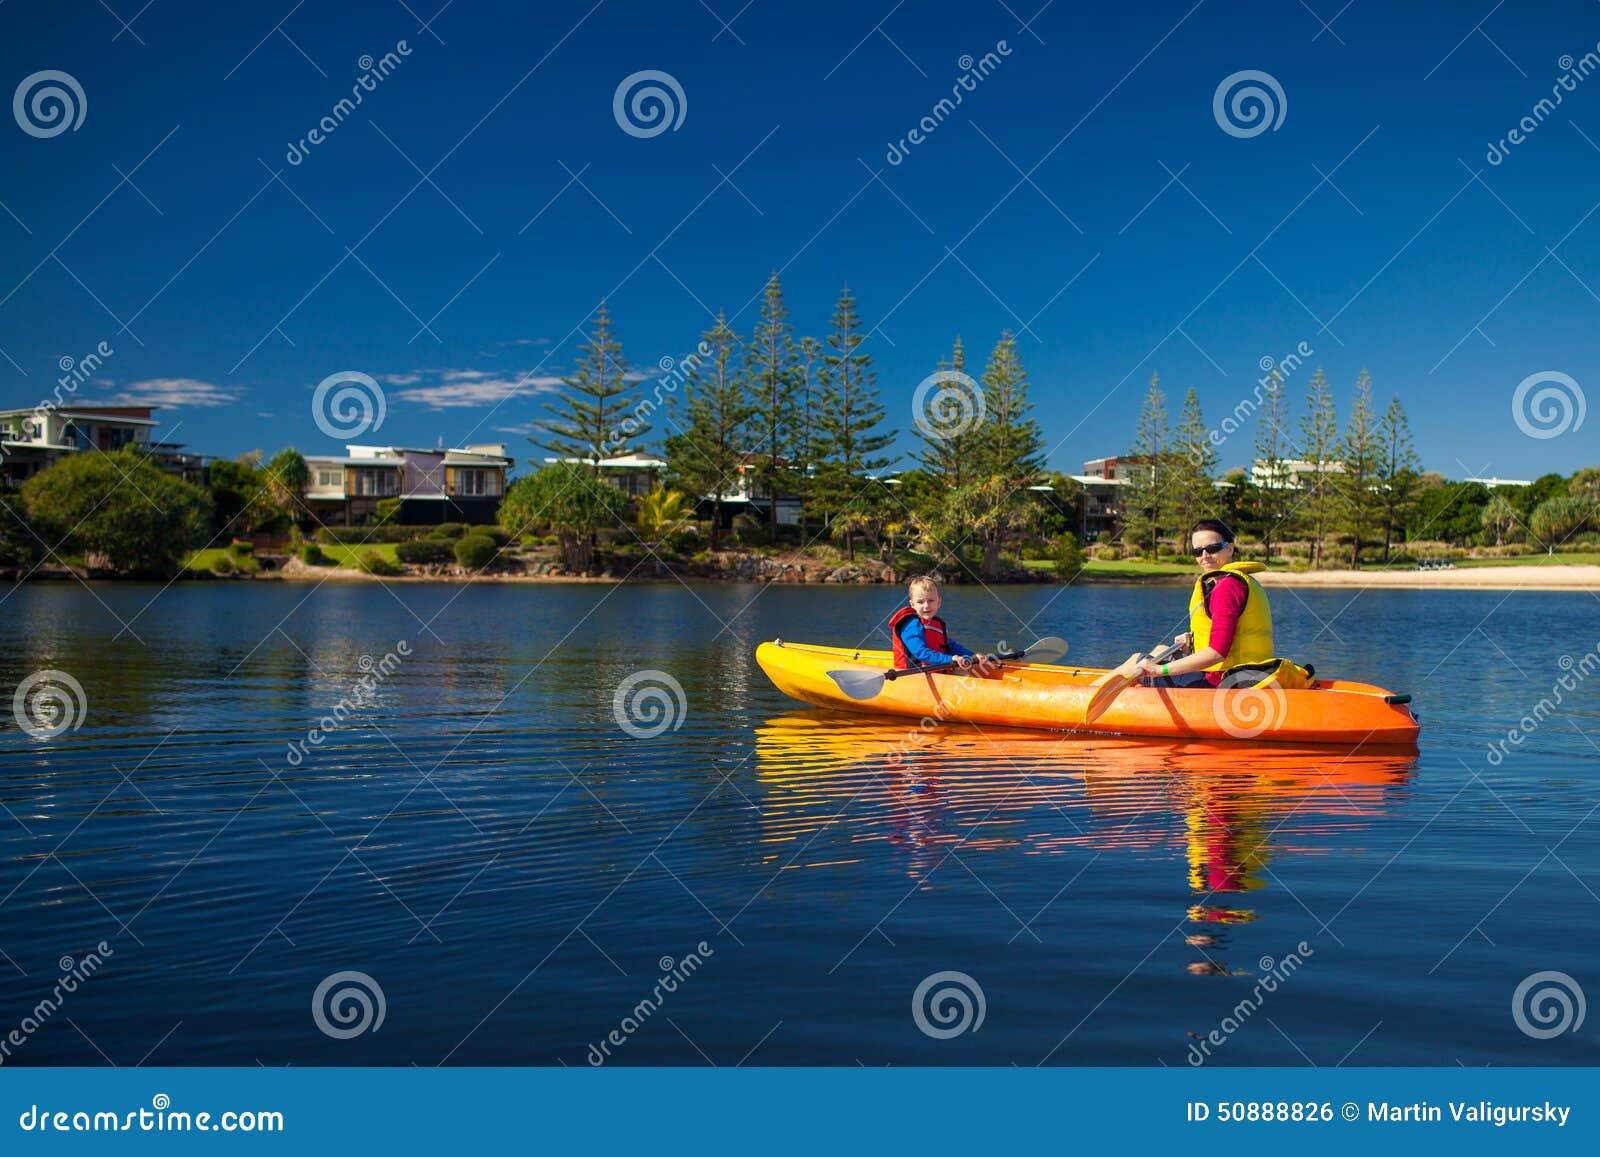 Mère et fils kayaking dans un petit lac